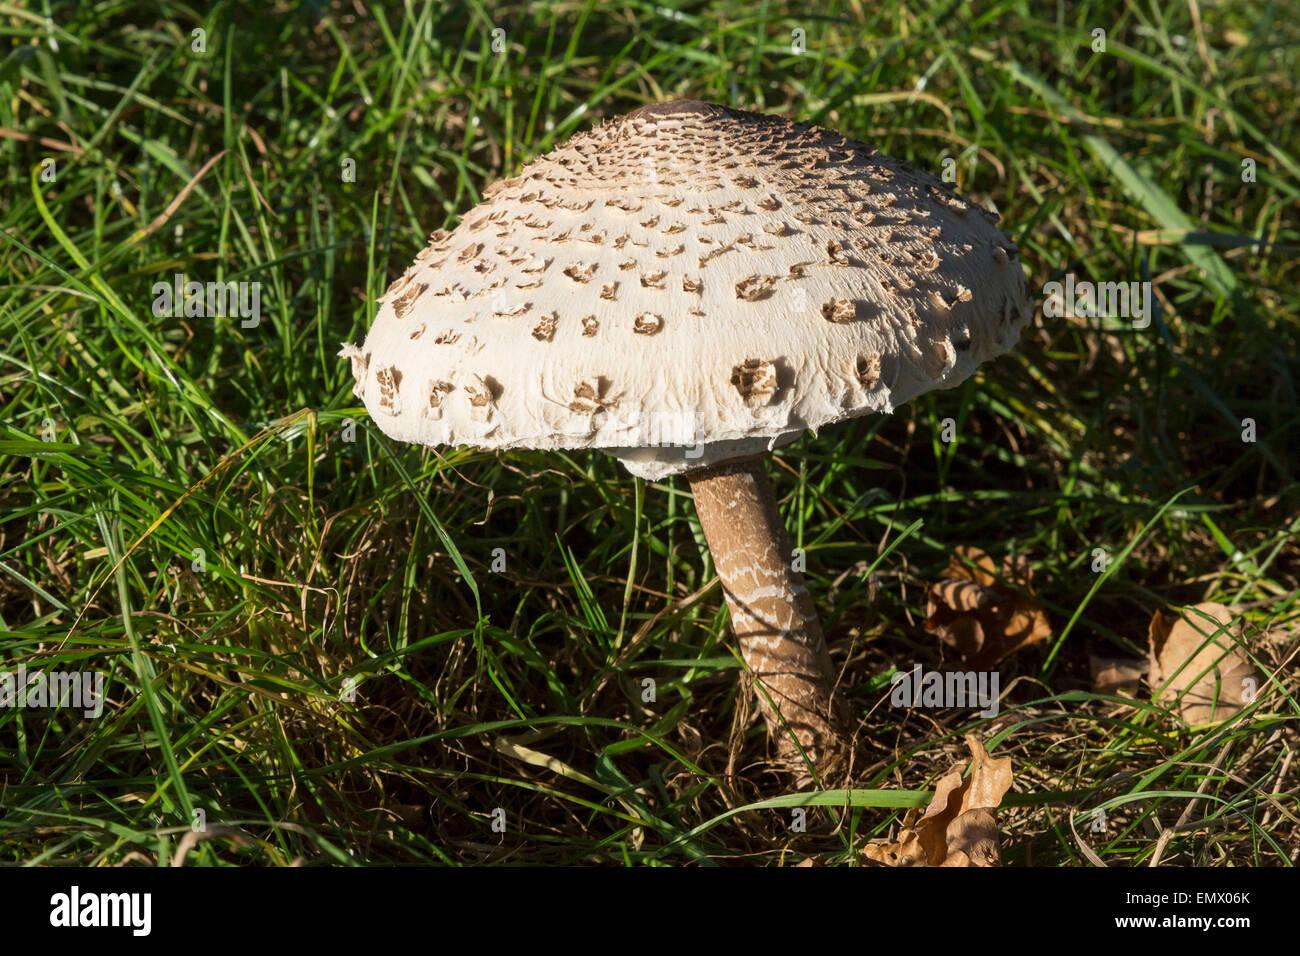 Parasol Mushroom – Terra Carpatica |Parasol Mushroom